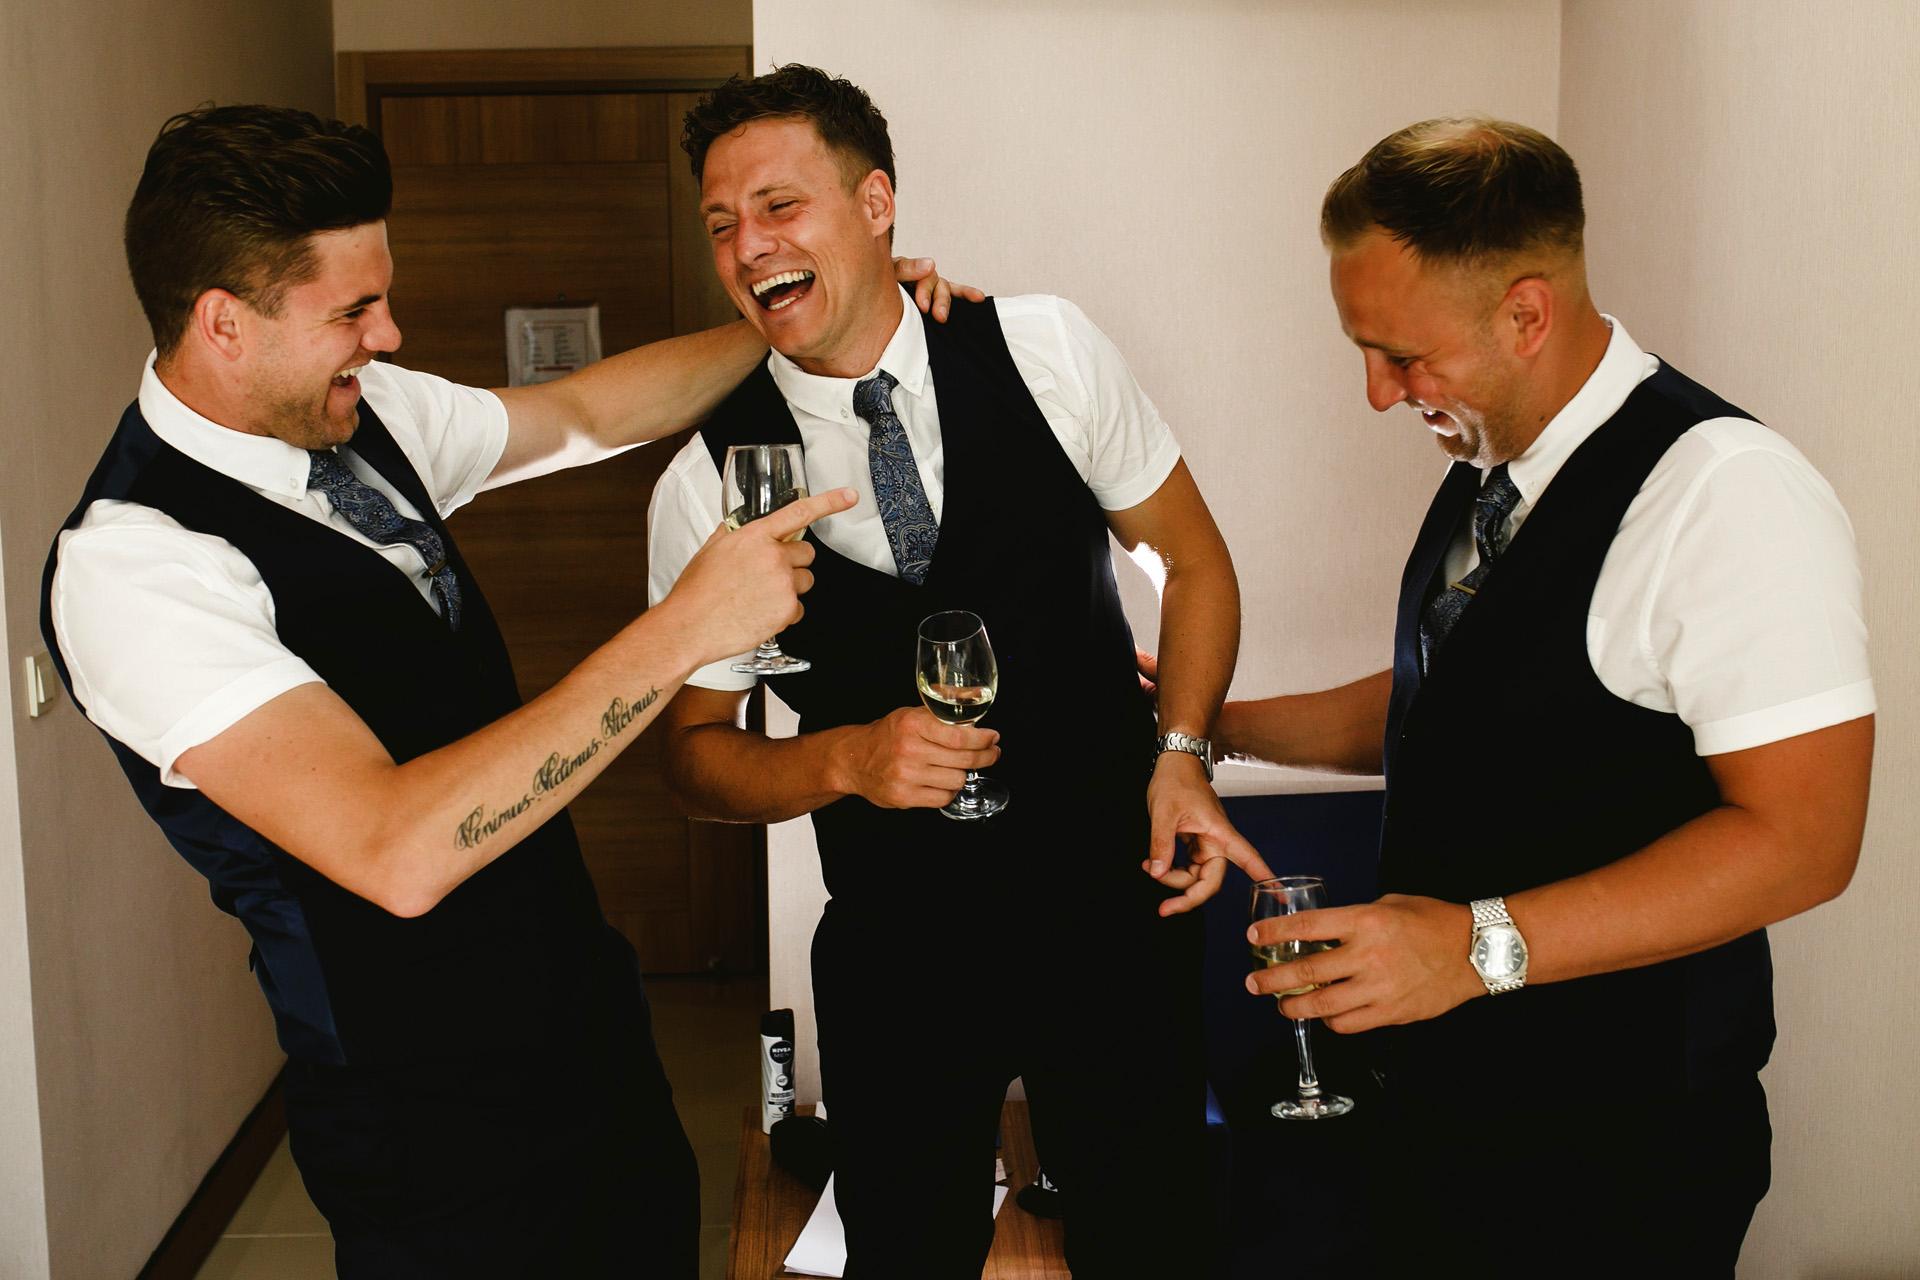 Turchia Elopement Prepararsi Foto dello sposo | con due dei suoi amici, c'è stata una piccola cerimonia pre-cerimonia